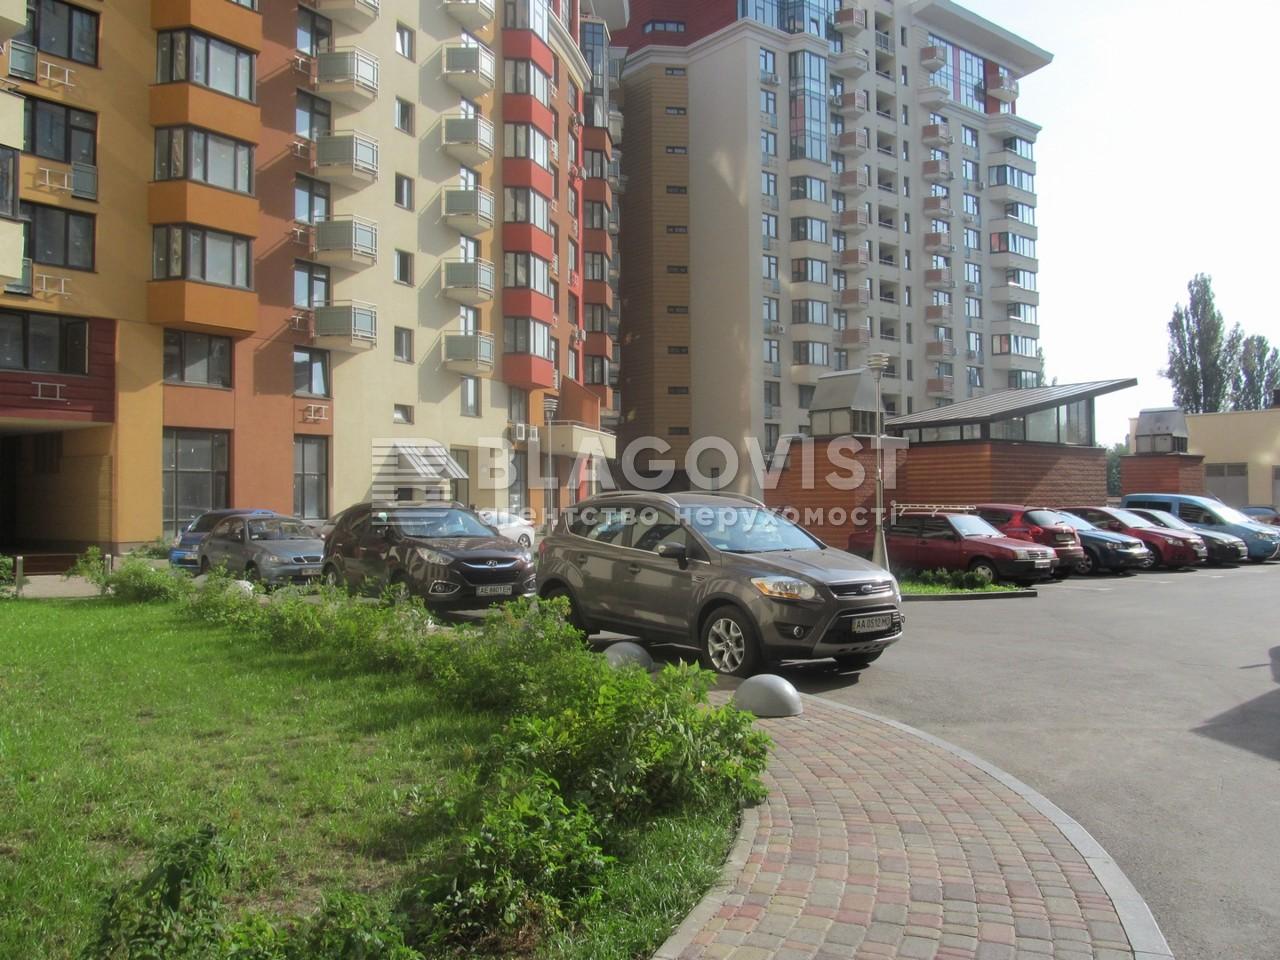 Квартира A-108813, Ломоносова, 71г, Київ - Фото 3